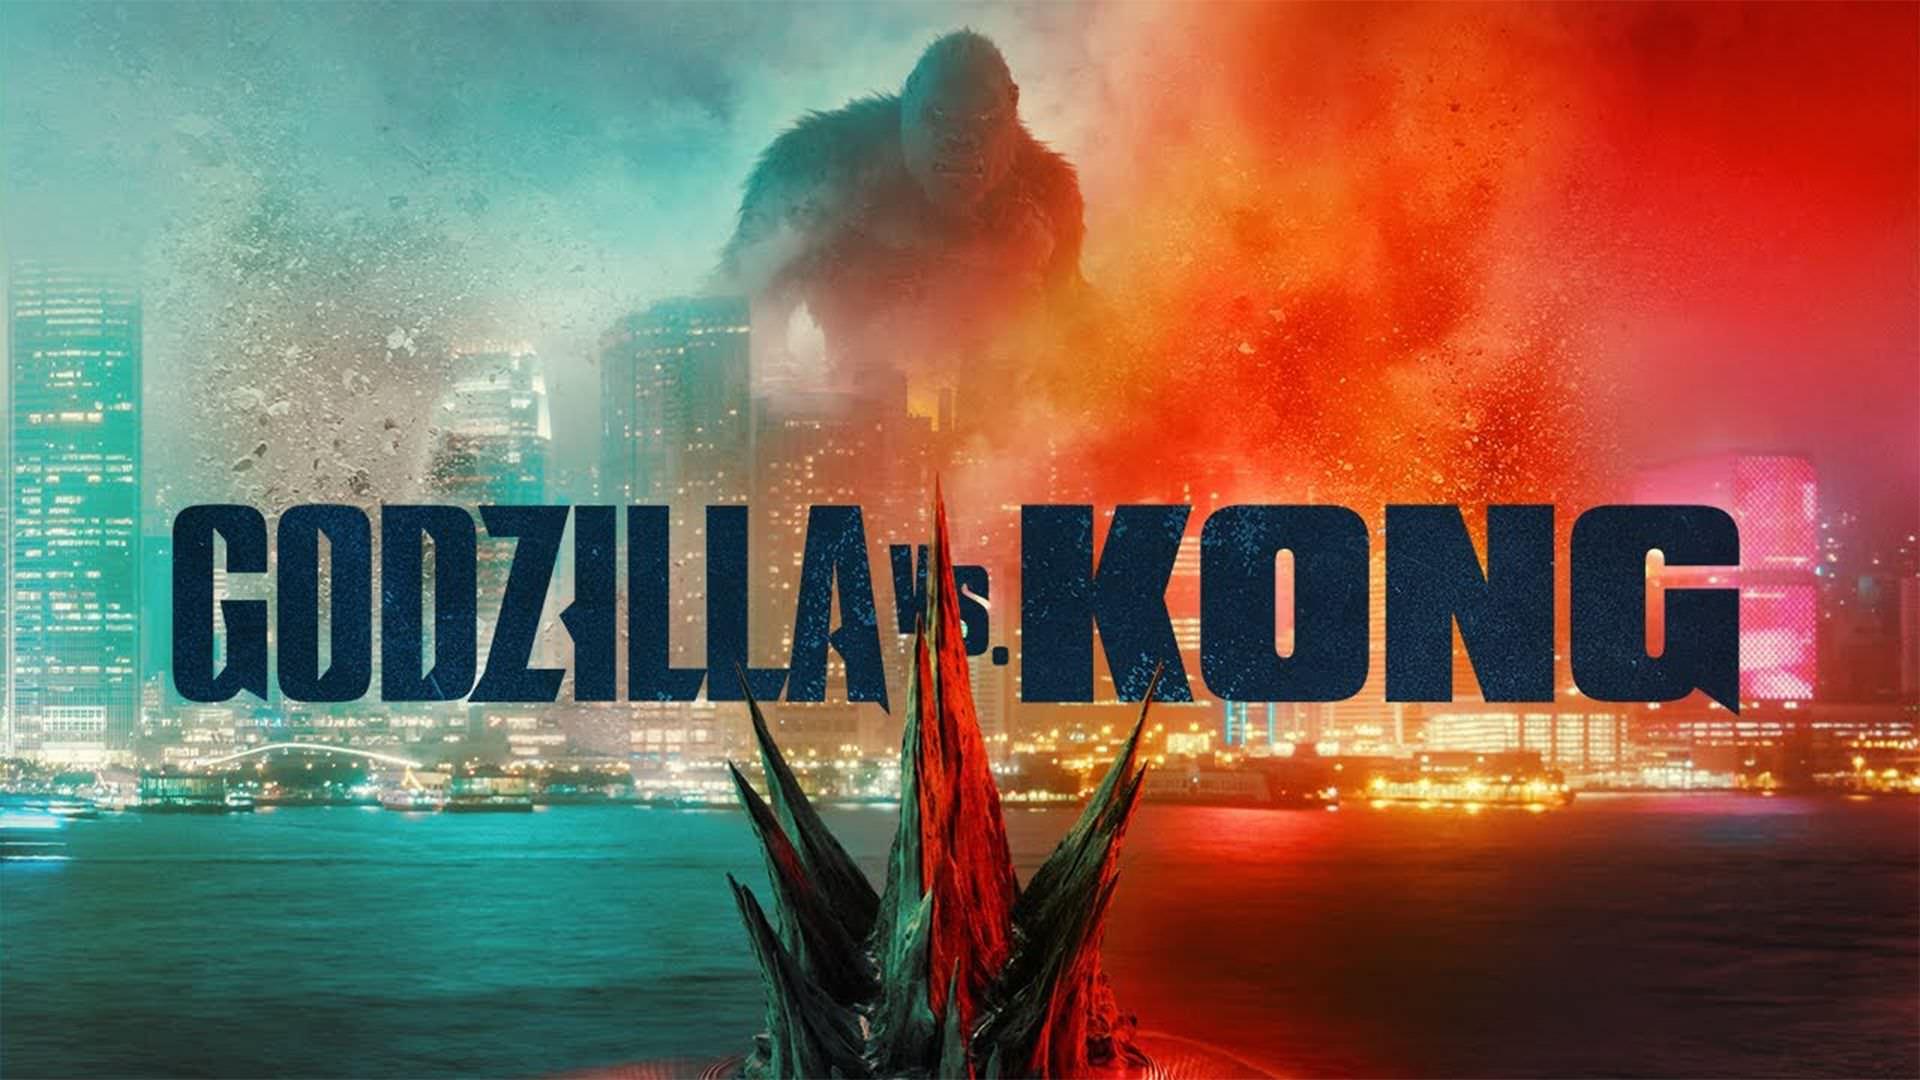 اولین تریلر فیلمGodzilla vs. Kong منتشر شد؛ مبارزه کینگ کونگ با گودزیلا برای نجات زمین